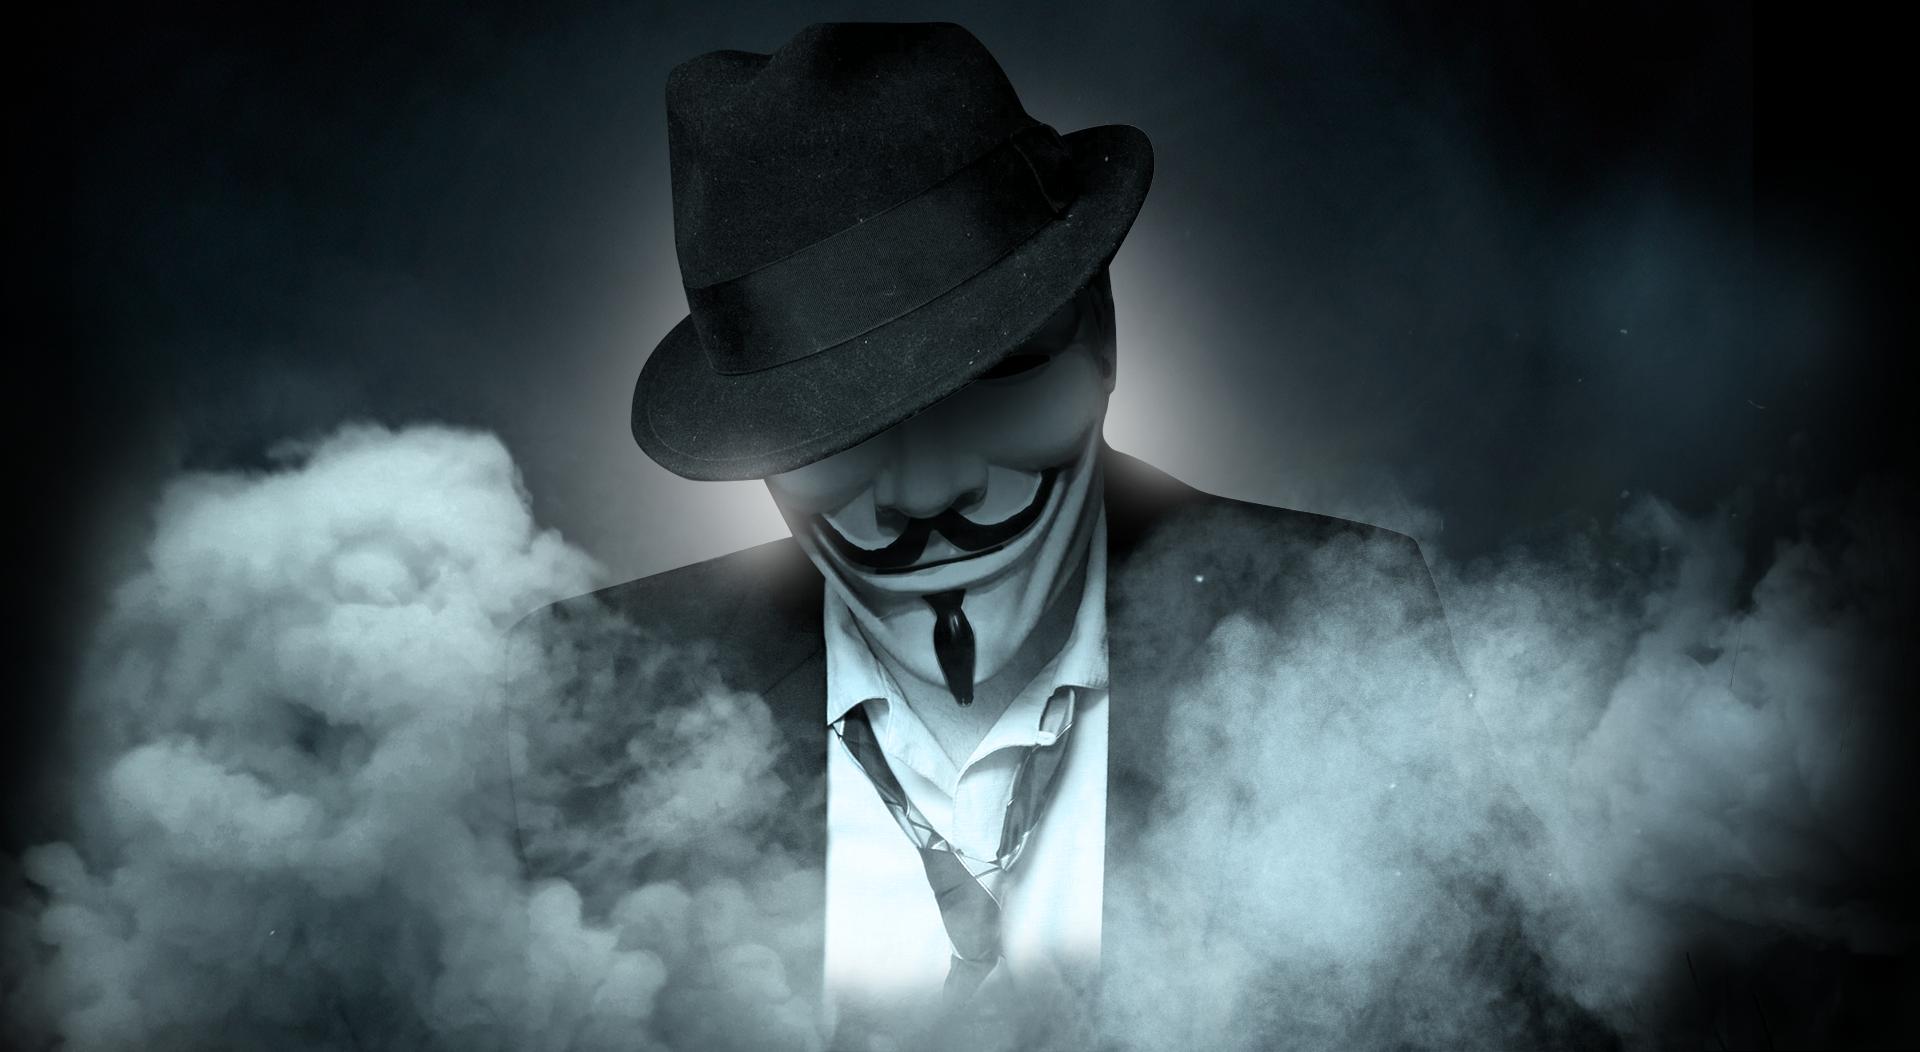 4k anonymous wallpaper